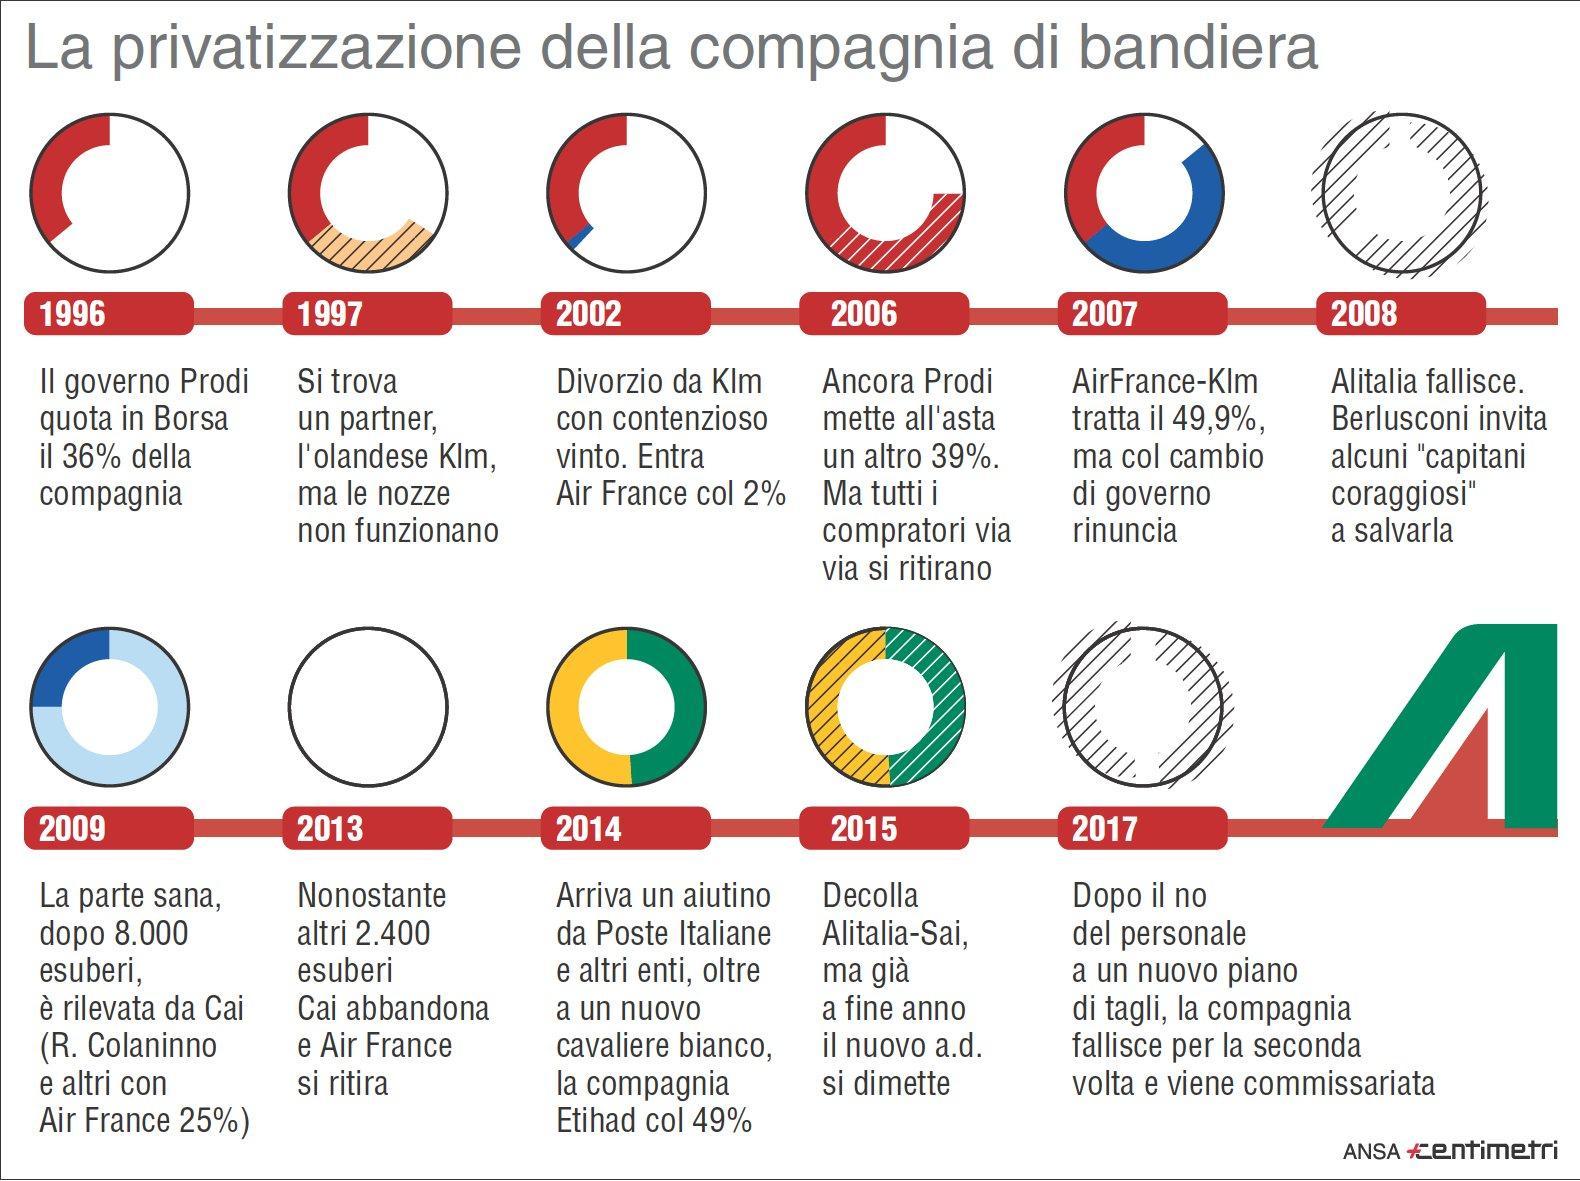 Alitalia Privatizzazione Tgcom24 La Storia Della Infografica twrxtOznq